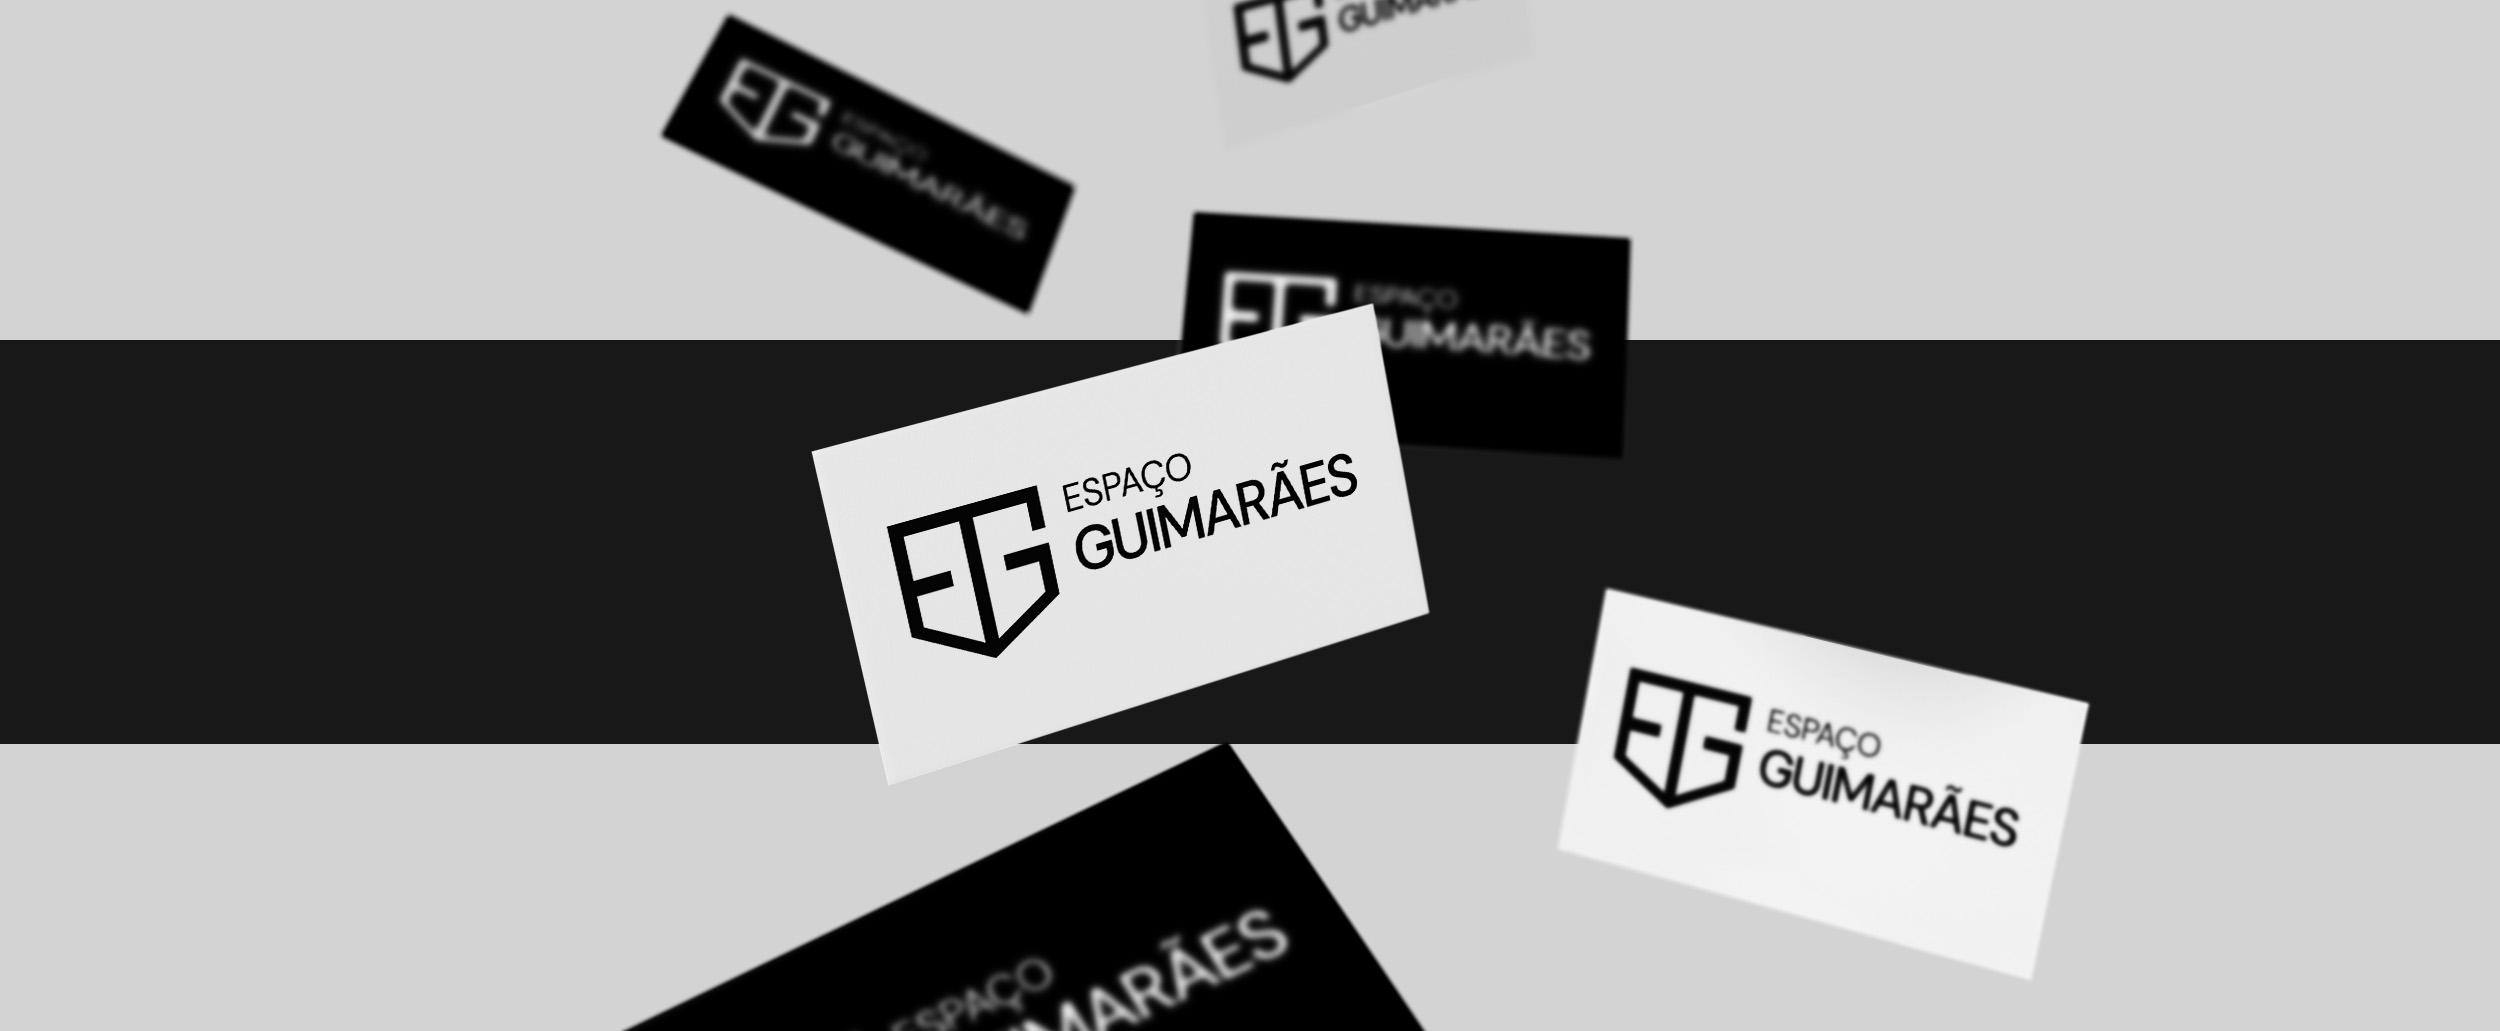 <p><span>Espaço Guimarães</span></p>